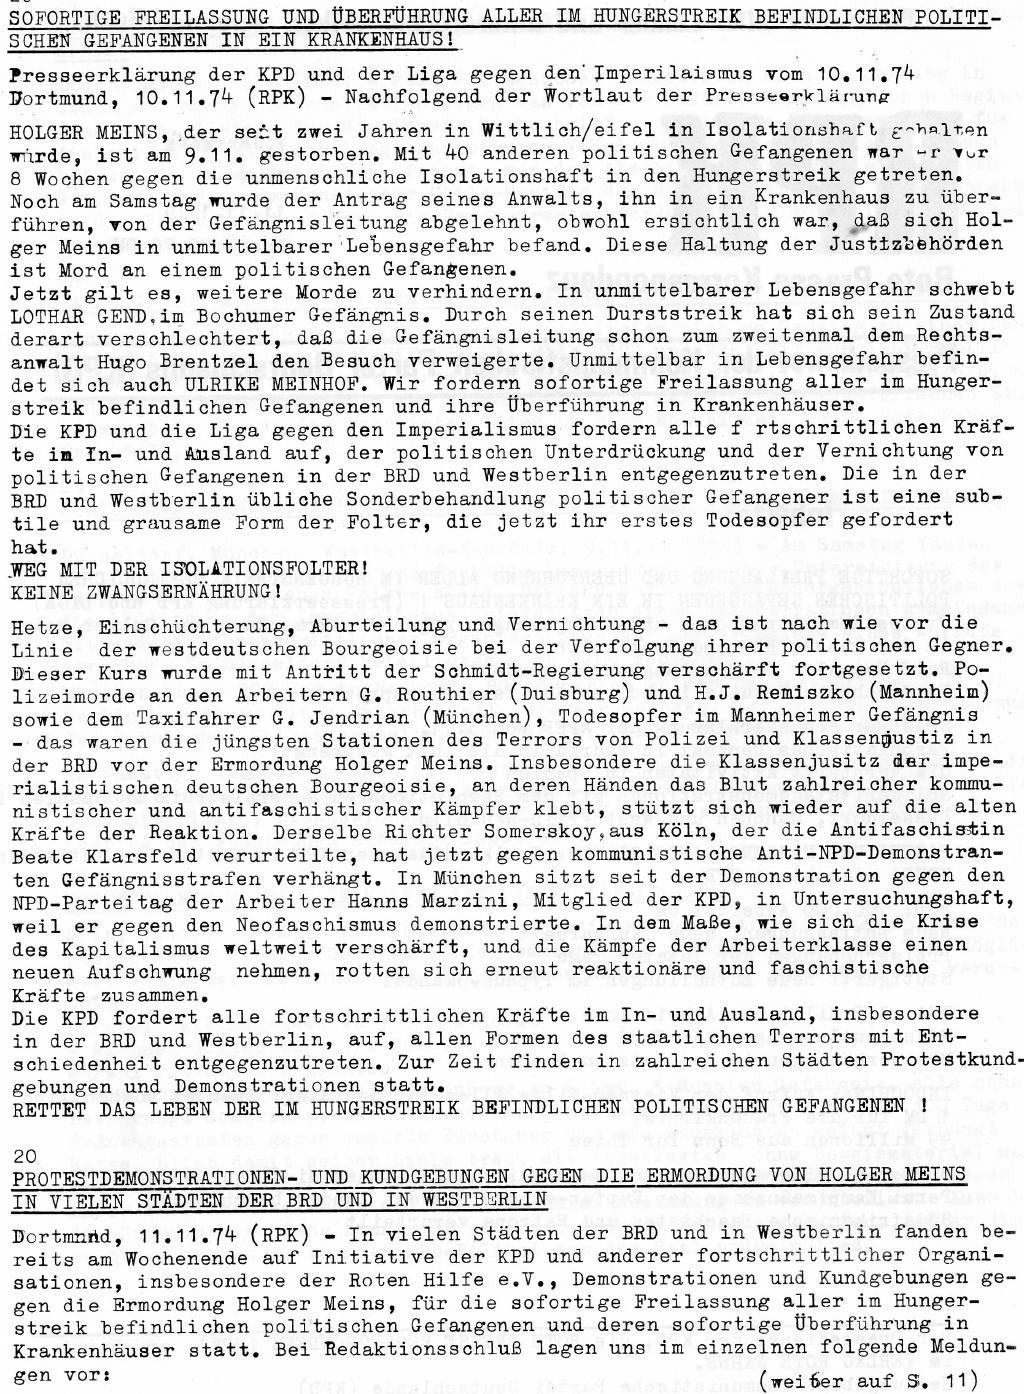 RPK_Pressedienst_1974_01_02